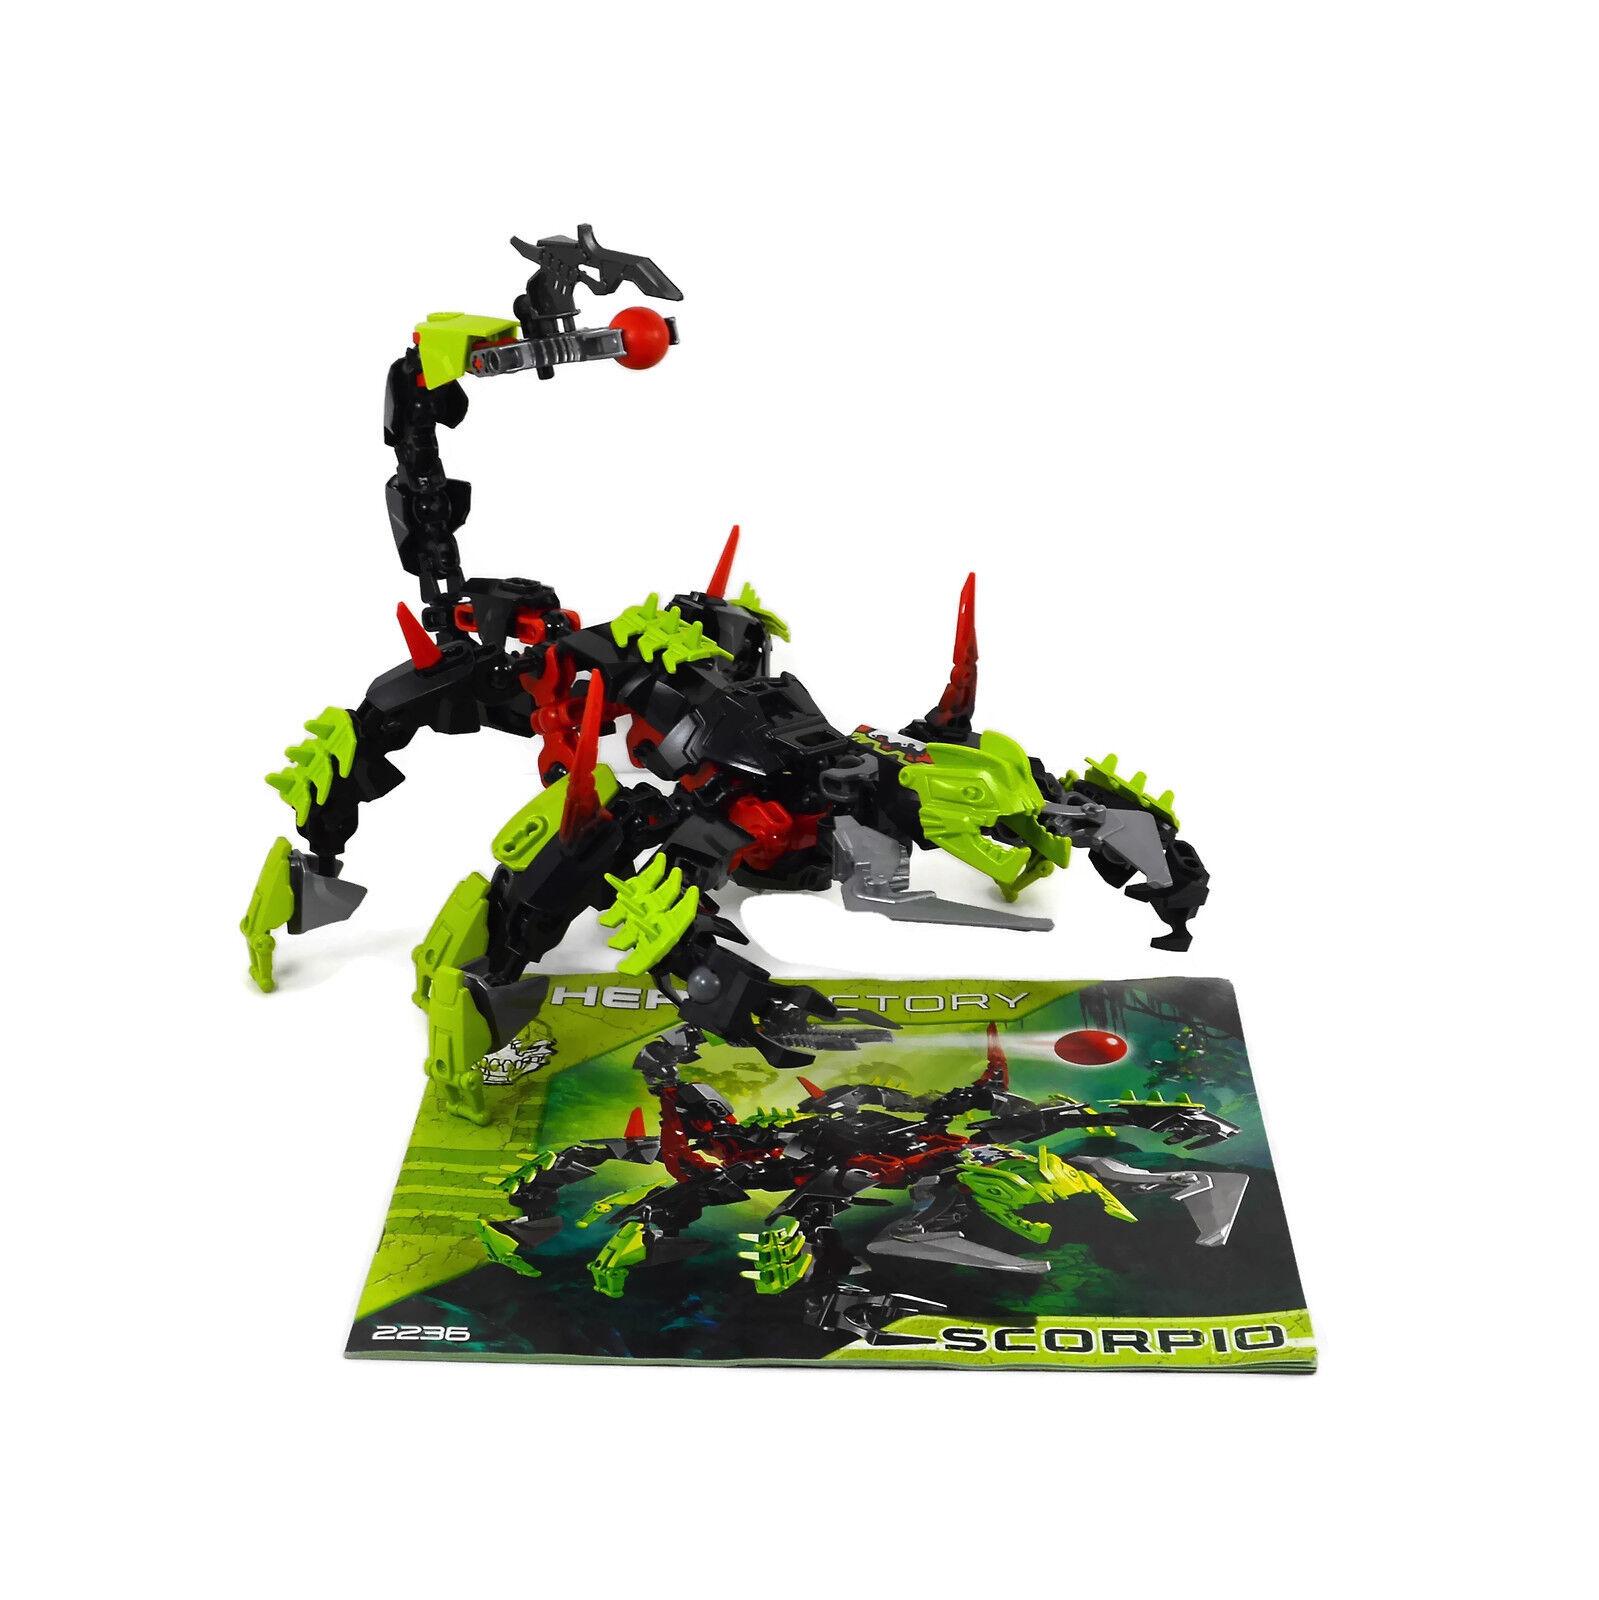 Factory Lego Hero Scorpio 2236 With Complete rdxBCeo